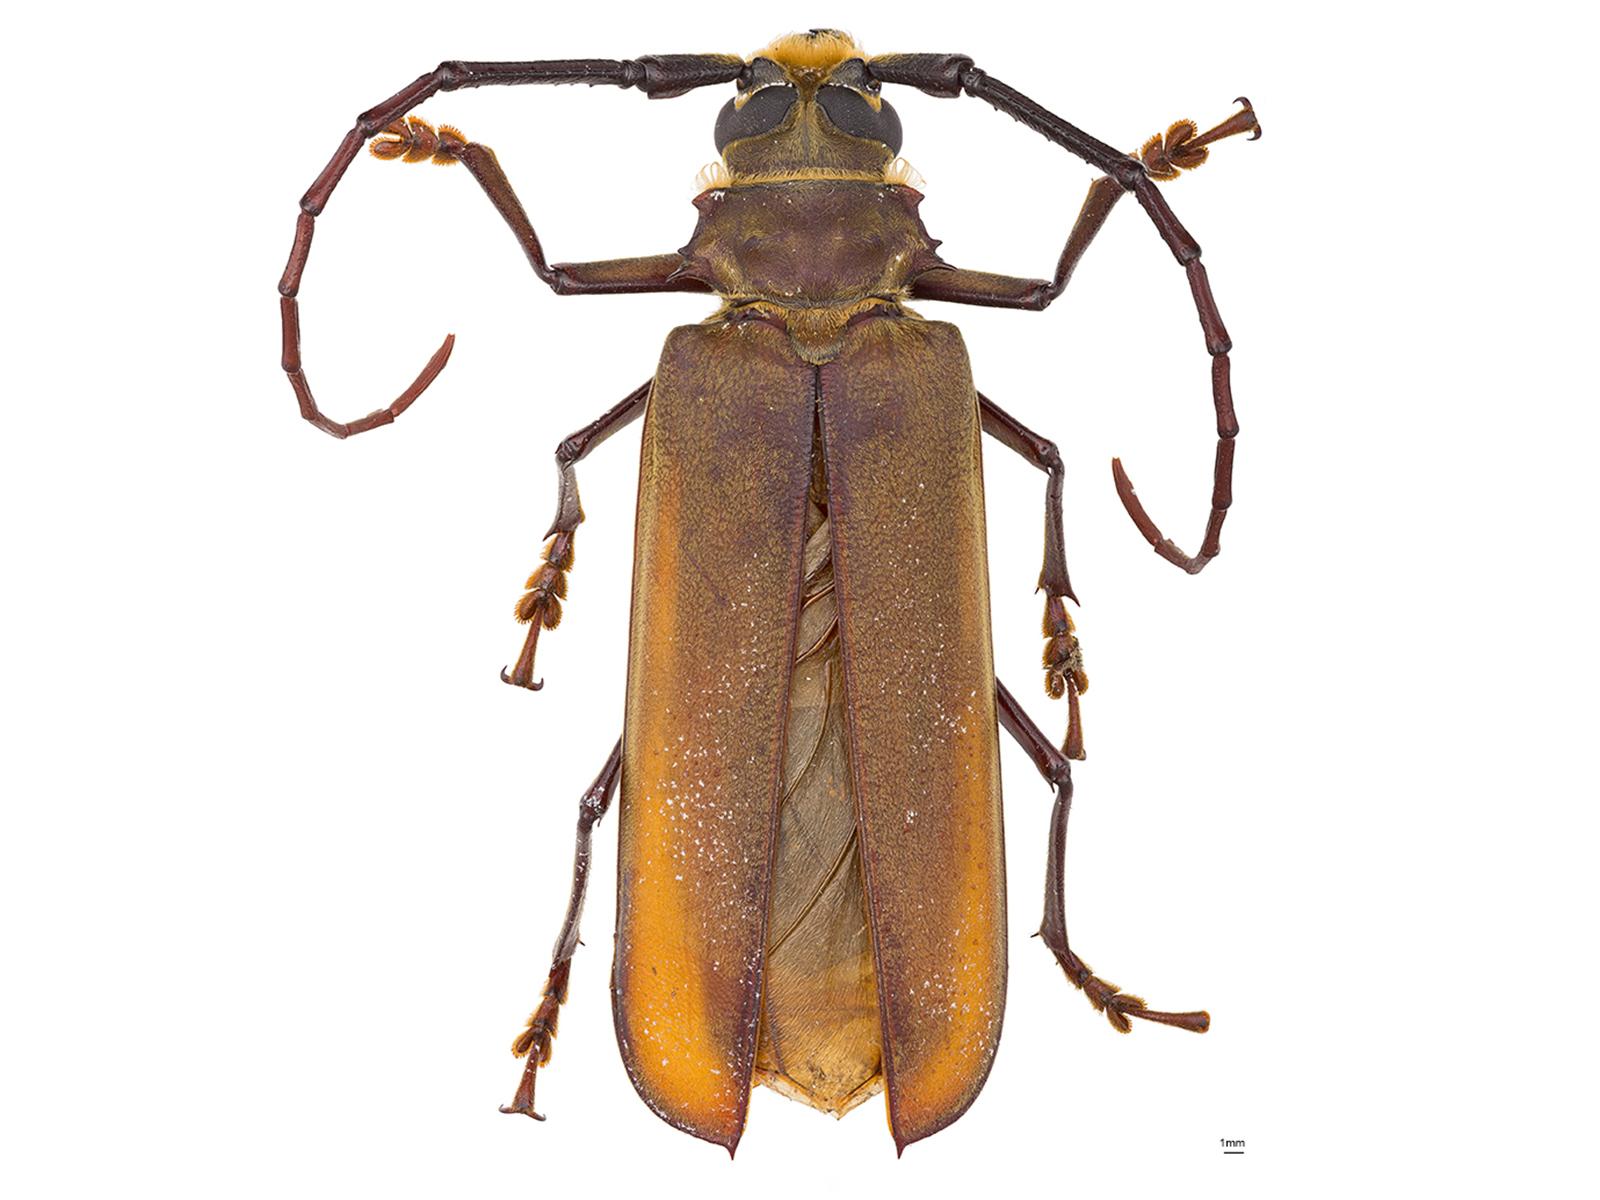 Orthomegas cinnamomeus (Linnaeus, 1758)